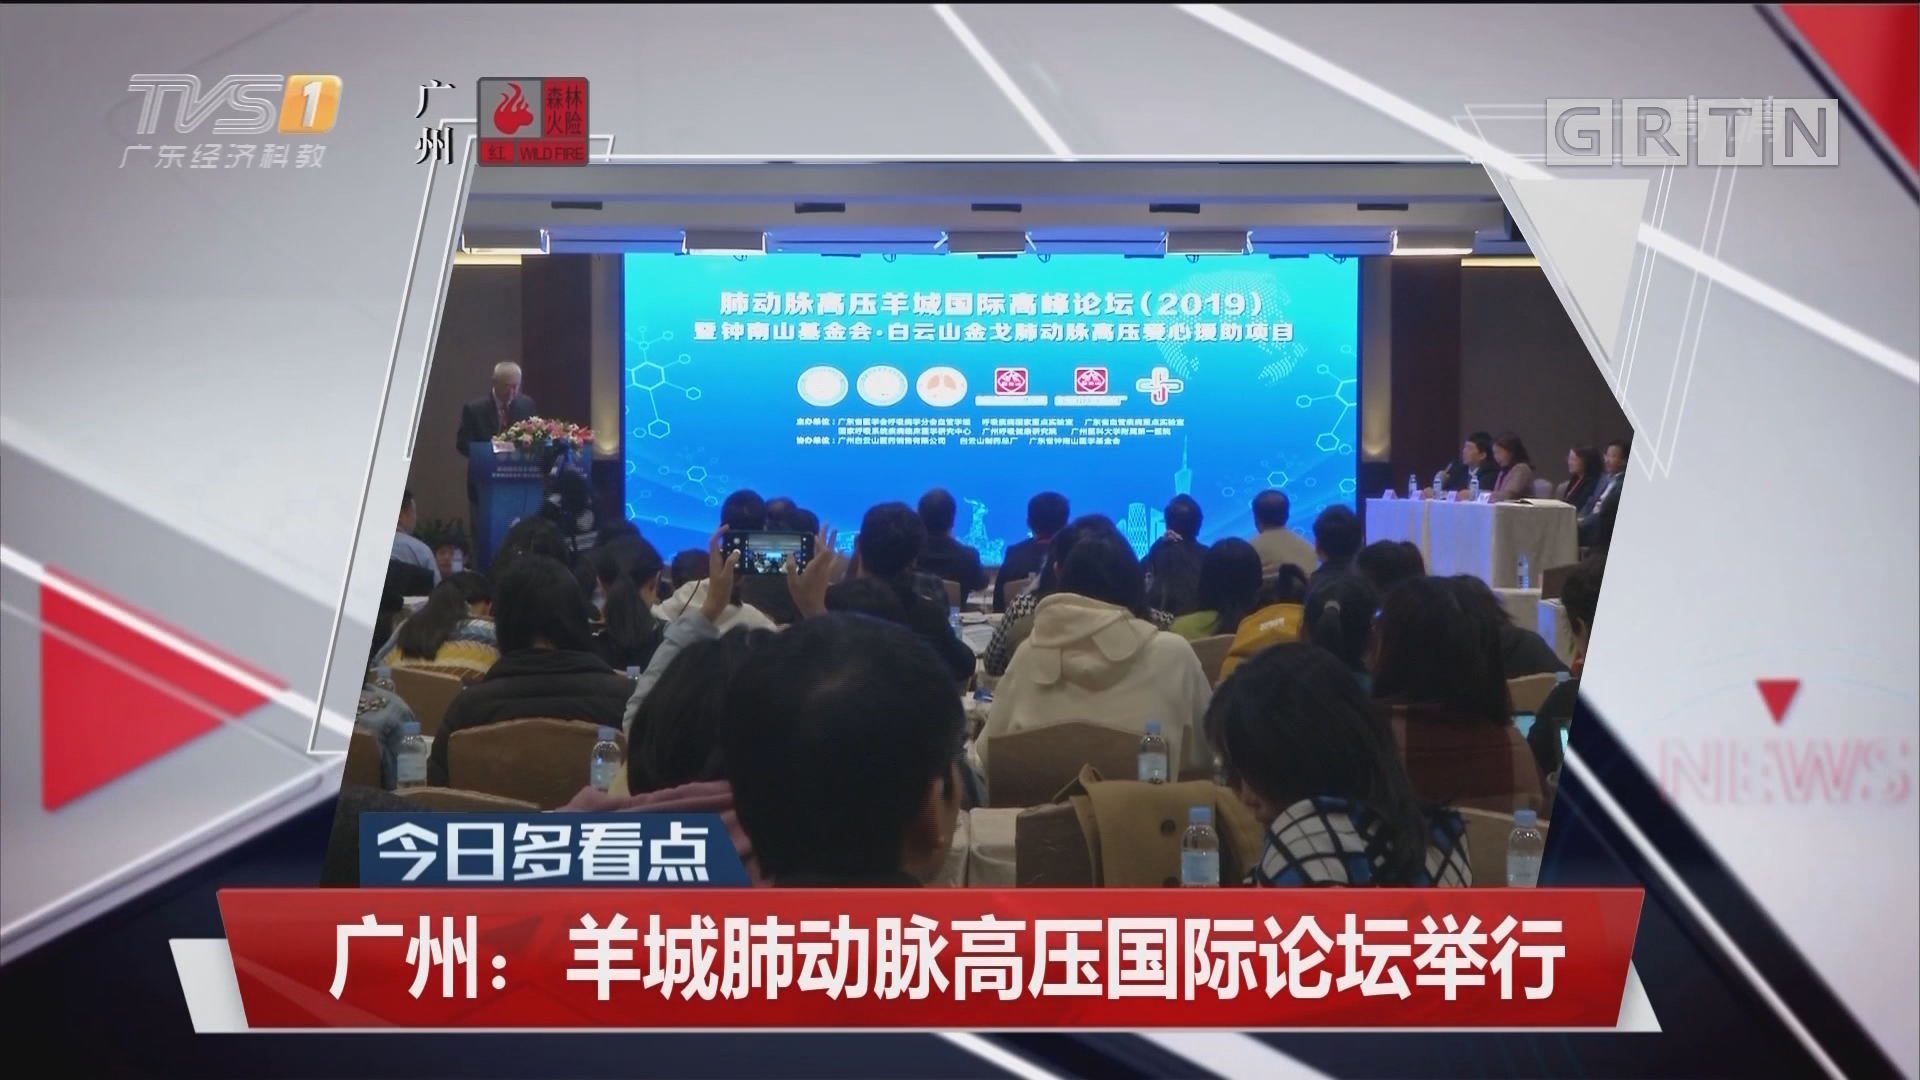 广州:羊城肺动脉高压国际论坛举行